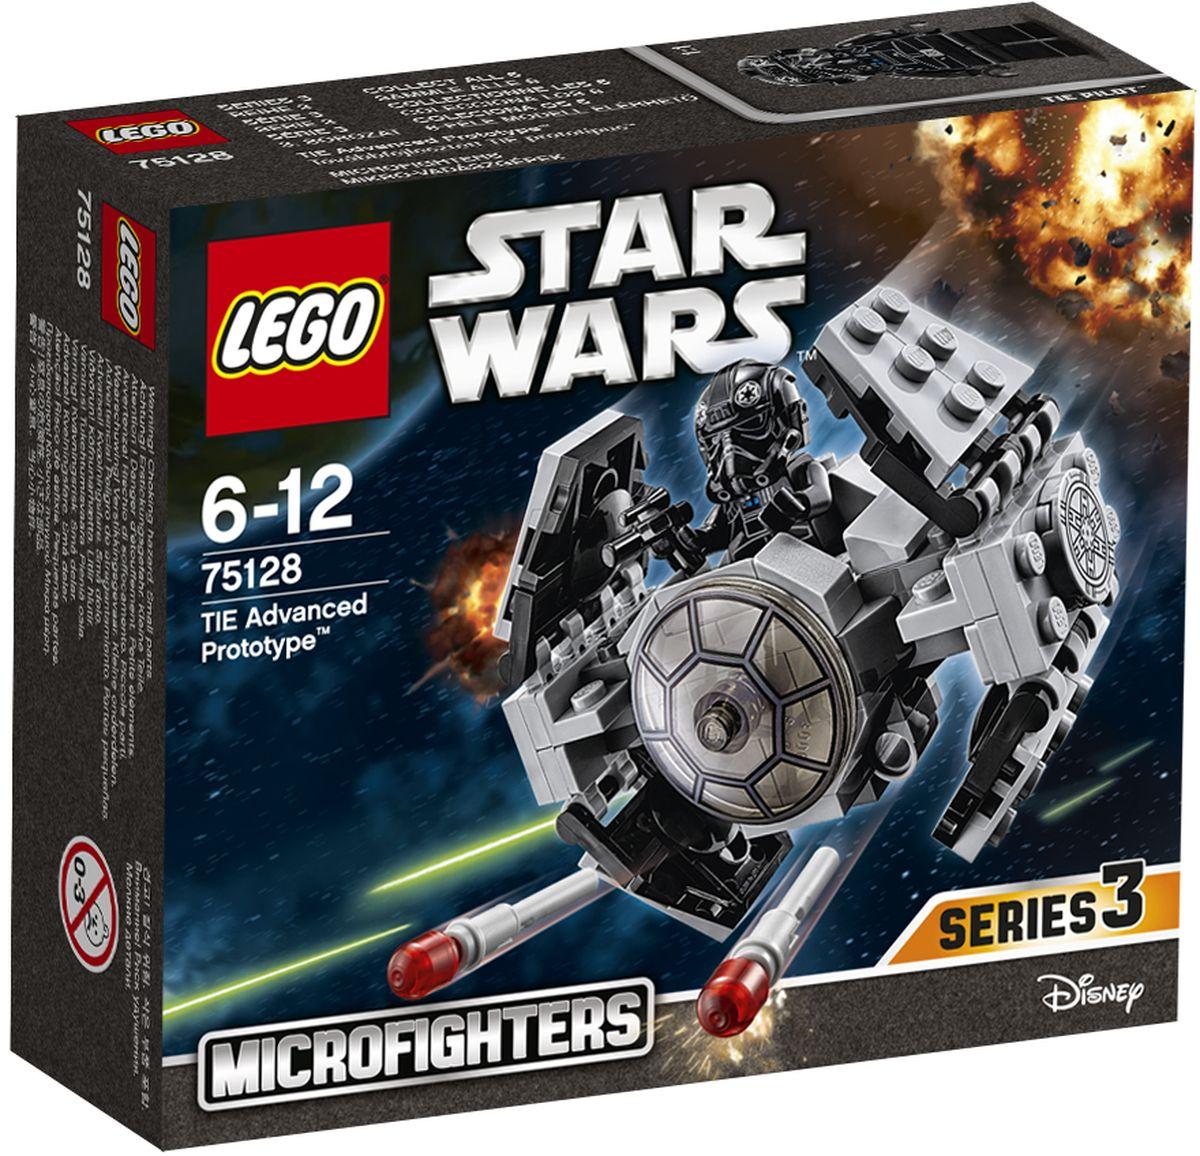 LEGO Star Wars Конструктор Усовершенствованный прототип истребителя TIE 7512875128Конструктор Lego Star Wars Усовершенствованный прототип истребителя TIE приведет в восторг любого поклонника знаменитой космической саги Звездные войны. Конструктор содержит 87 пластиковых элементов, с помощью которых вы сможете собрать оригинальную боевую машину из вселенной Звездных войн. Повстанцы рядом, и их нужно остановить! Разверни крылья усовершенствованного прототипа истребителя TIE и заряди ракеты. Затем посади пилота TIE в кабину и подготовь к запуску навстречу космическим приключениям. Все элементы набора выполнены из прочного безопасного пластика. Корабль стреляет небольшими снарядами, входящими в набор. Также в набор входит фигурка пилота TIE. Игры с конструкторами помогут ребенку развить воображение, внимательность, пространственное мышление и творческие способности. Такой конструктор надолго займет внимание малыша и непременно станет его любимой игрушкой.